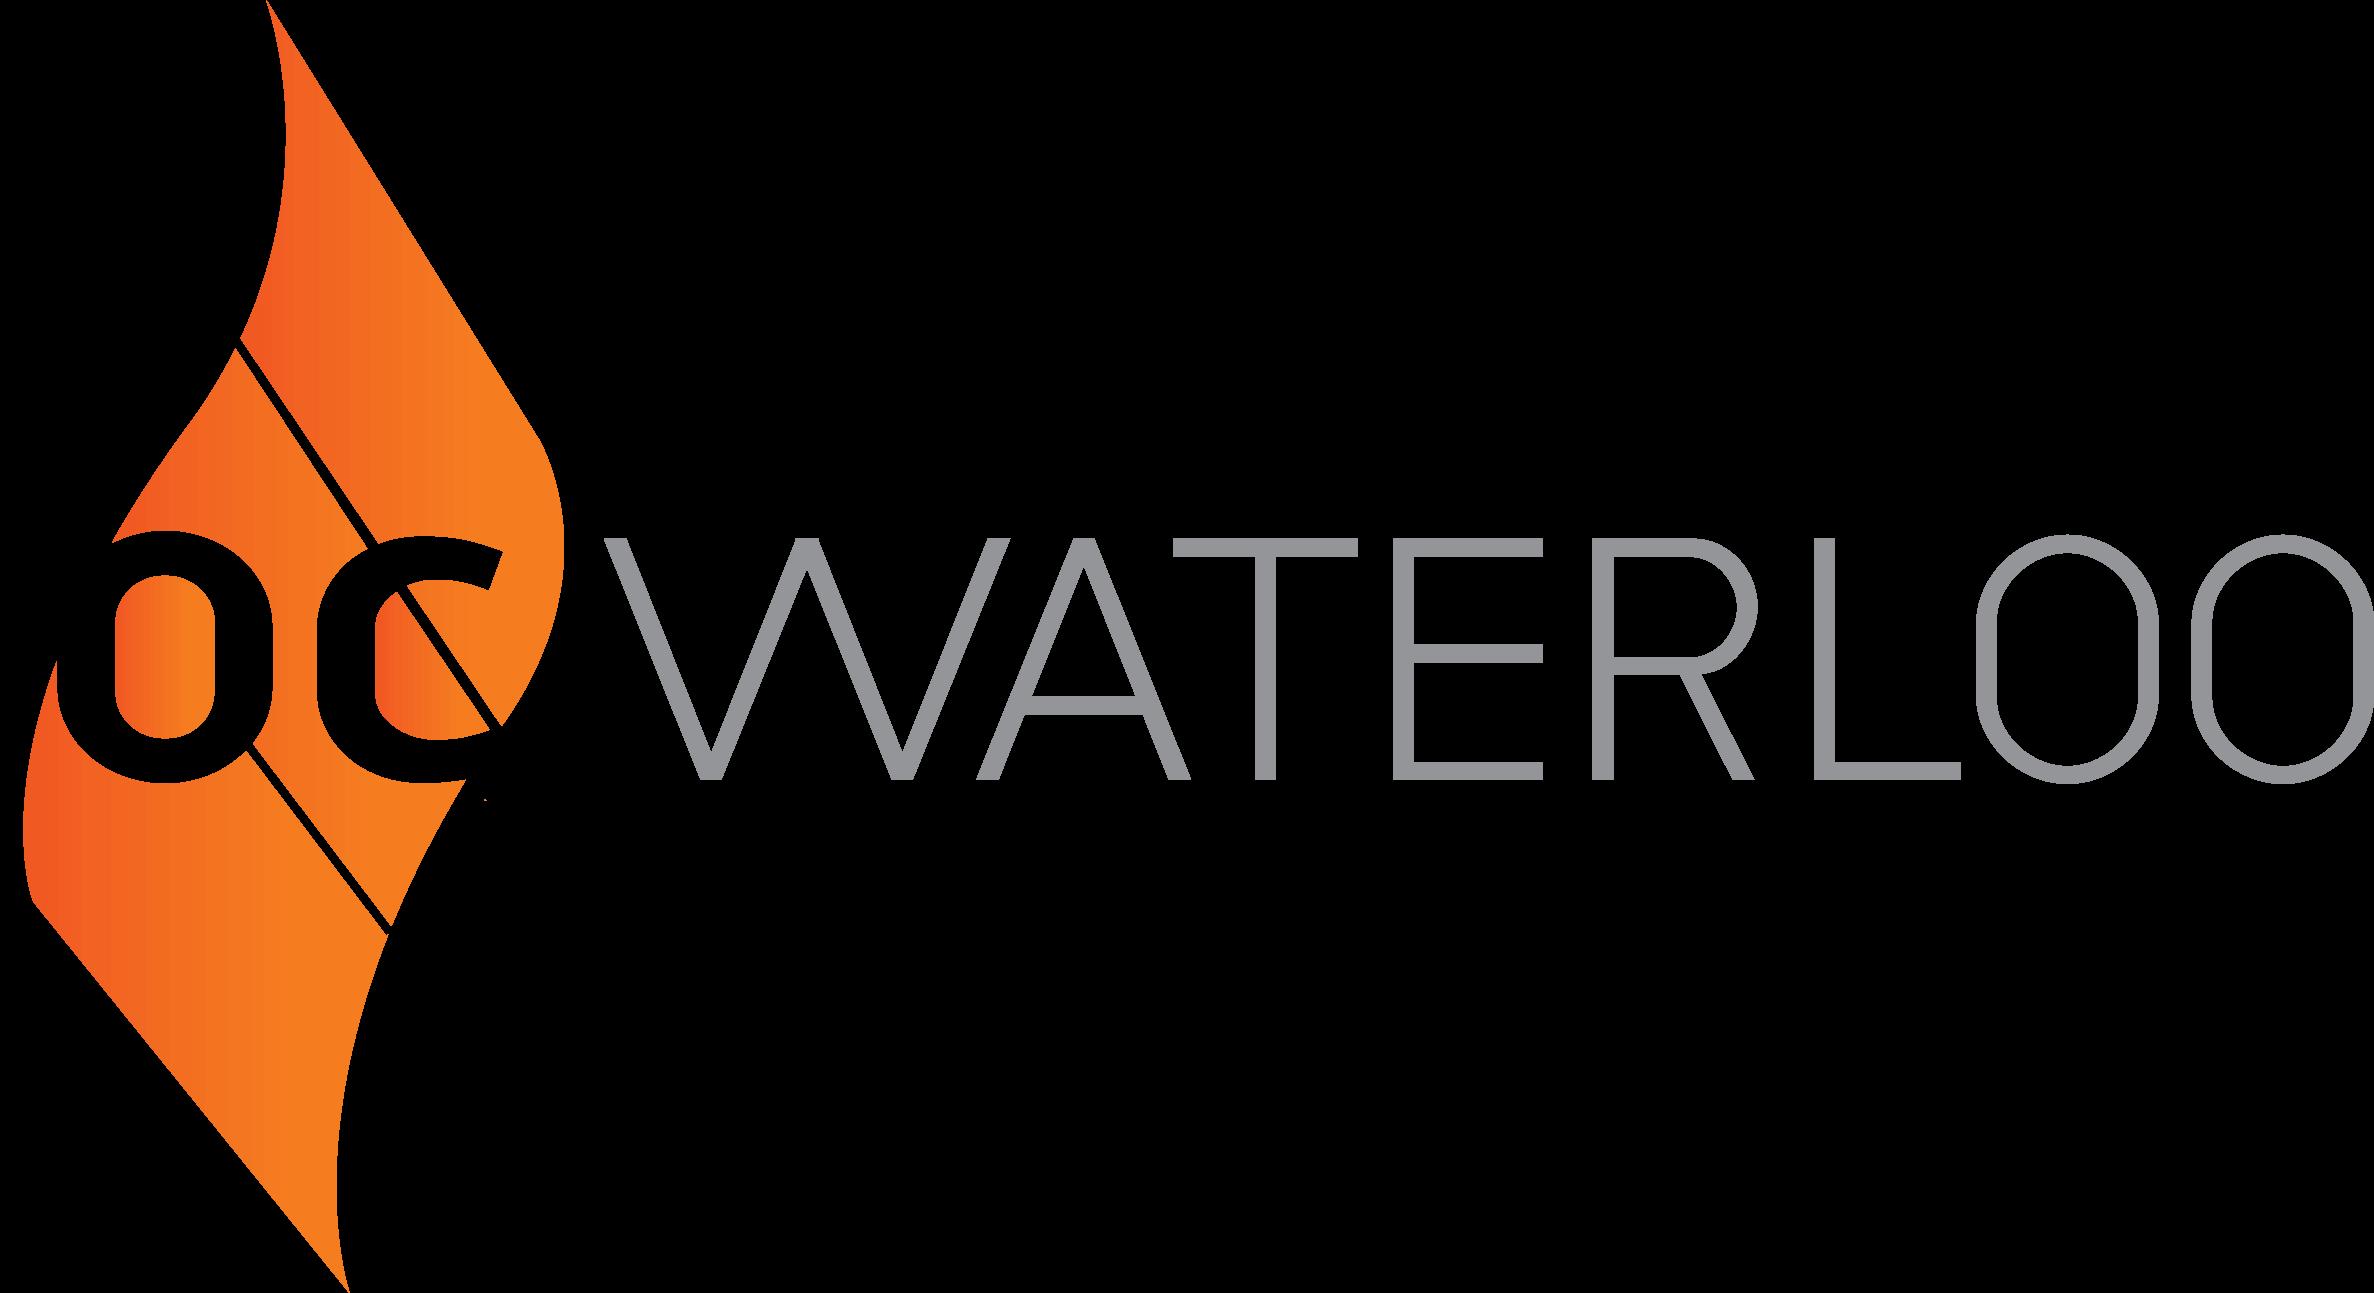 OC Waterloo